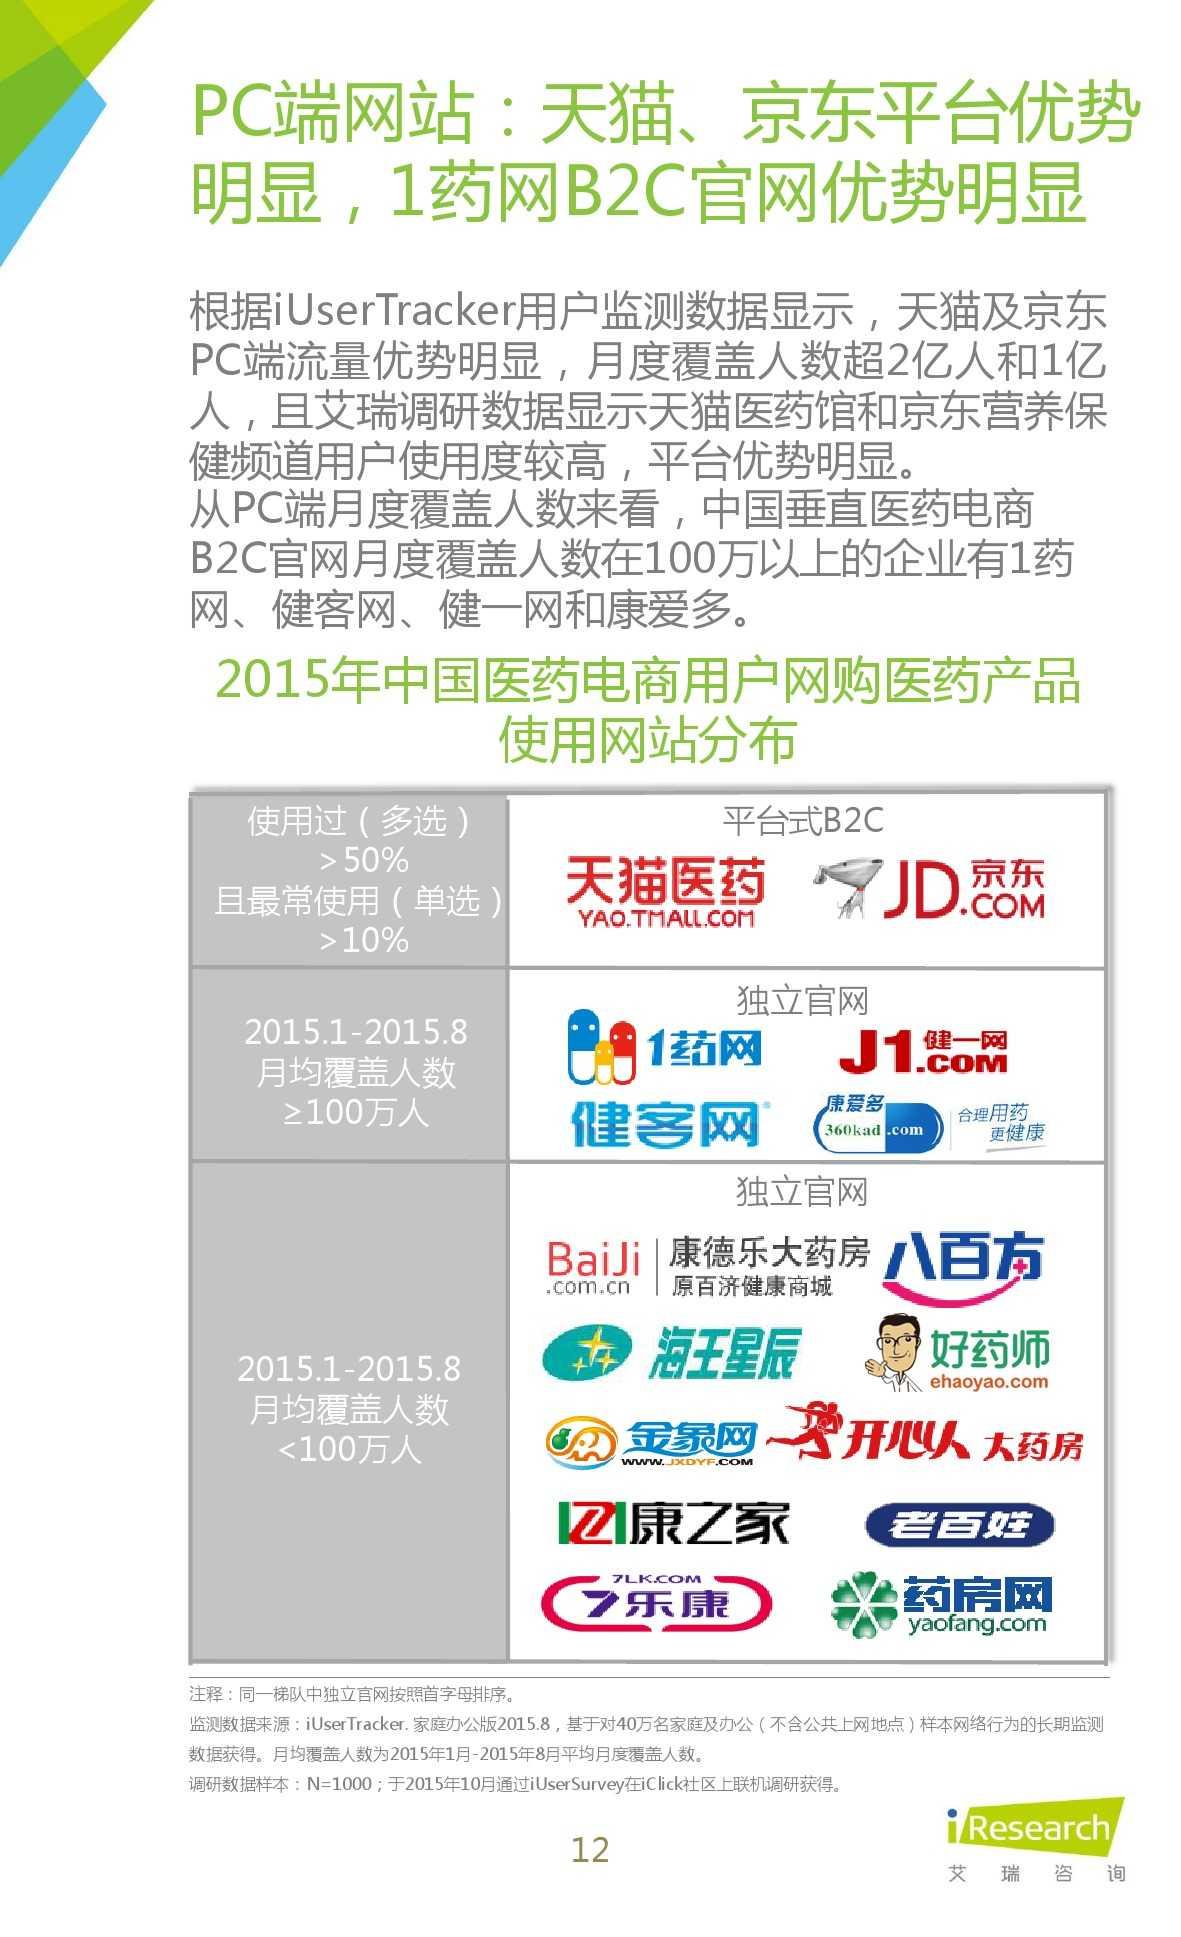 2015年中国医药电商用户行为研究报告_000012